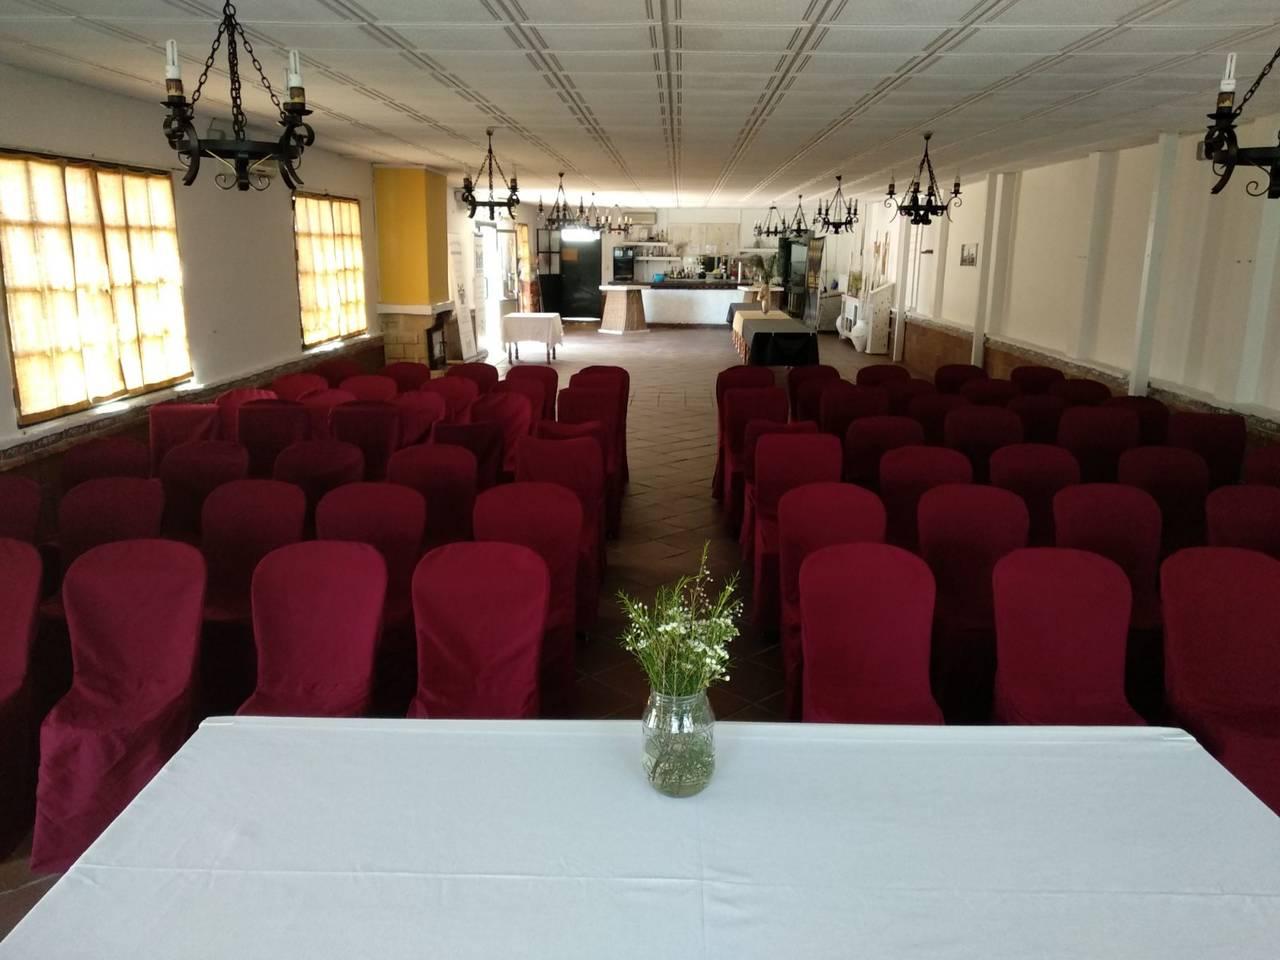 Alquiler de salón de celebraciones en Espartinas (Sevilla)  - Foto 1